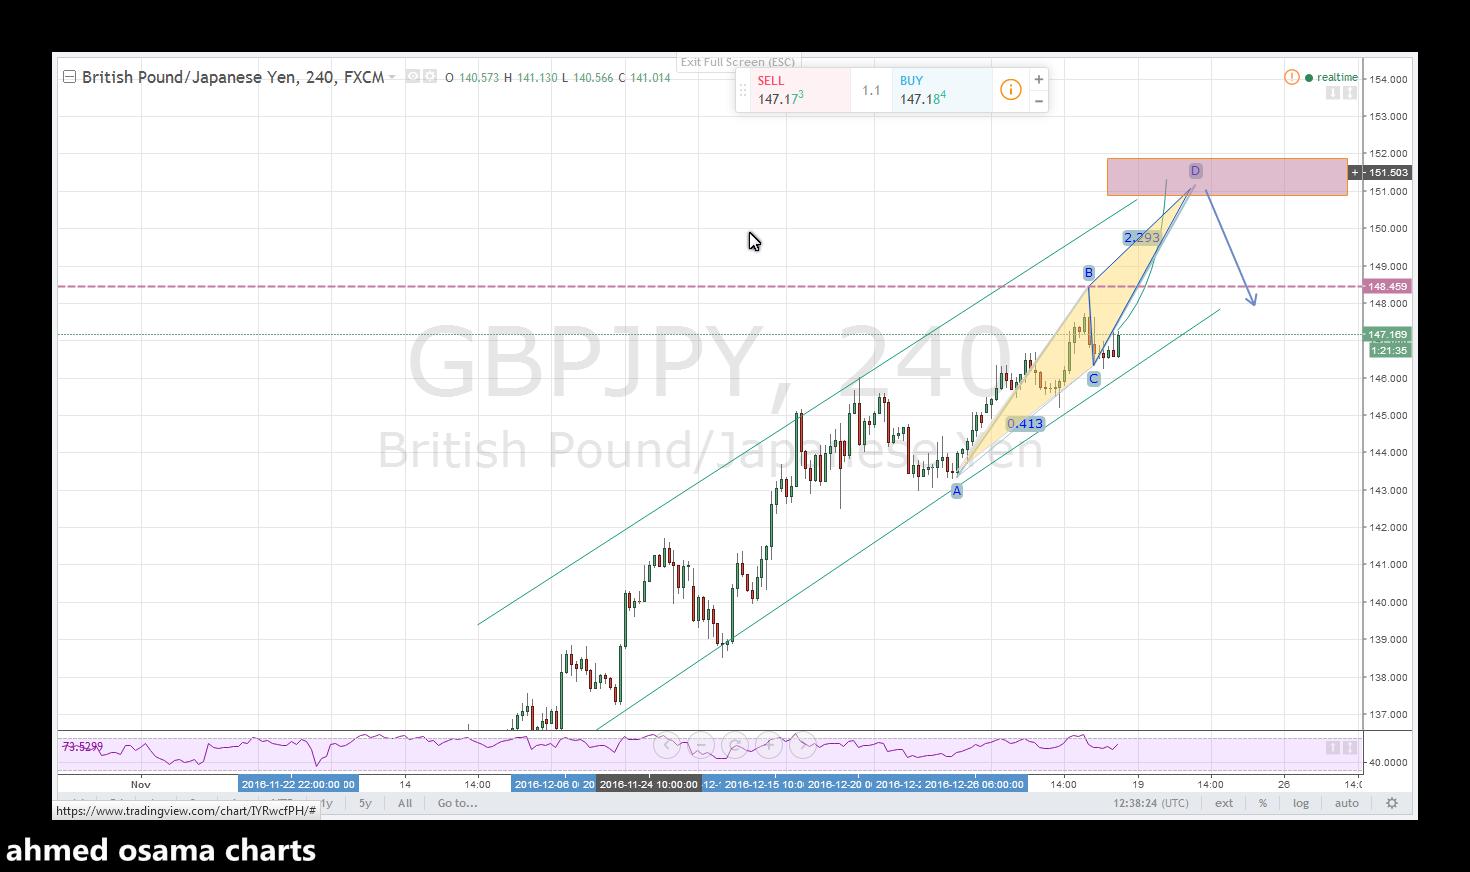 تحليل الجنيه الاسترلينى مقابل الدولار gbpjpy